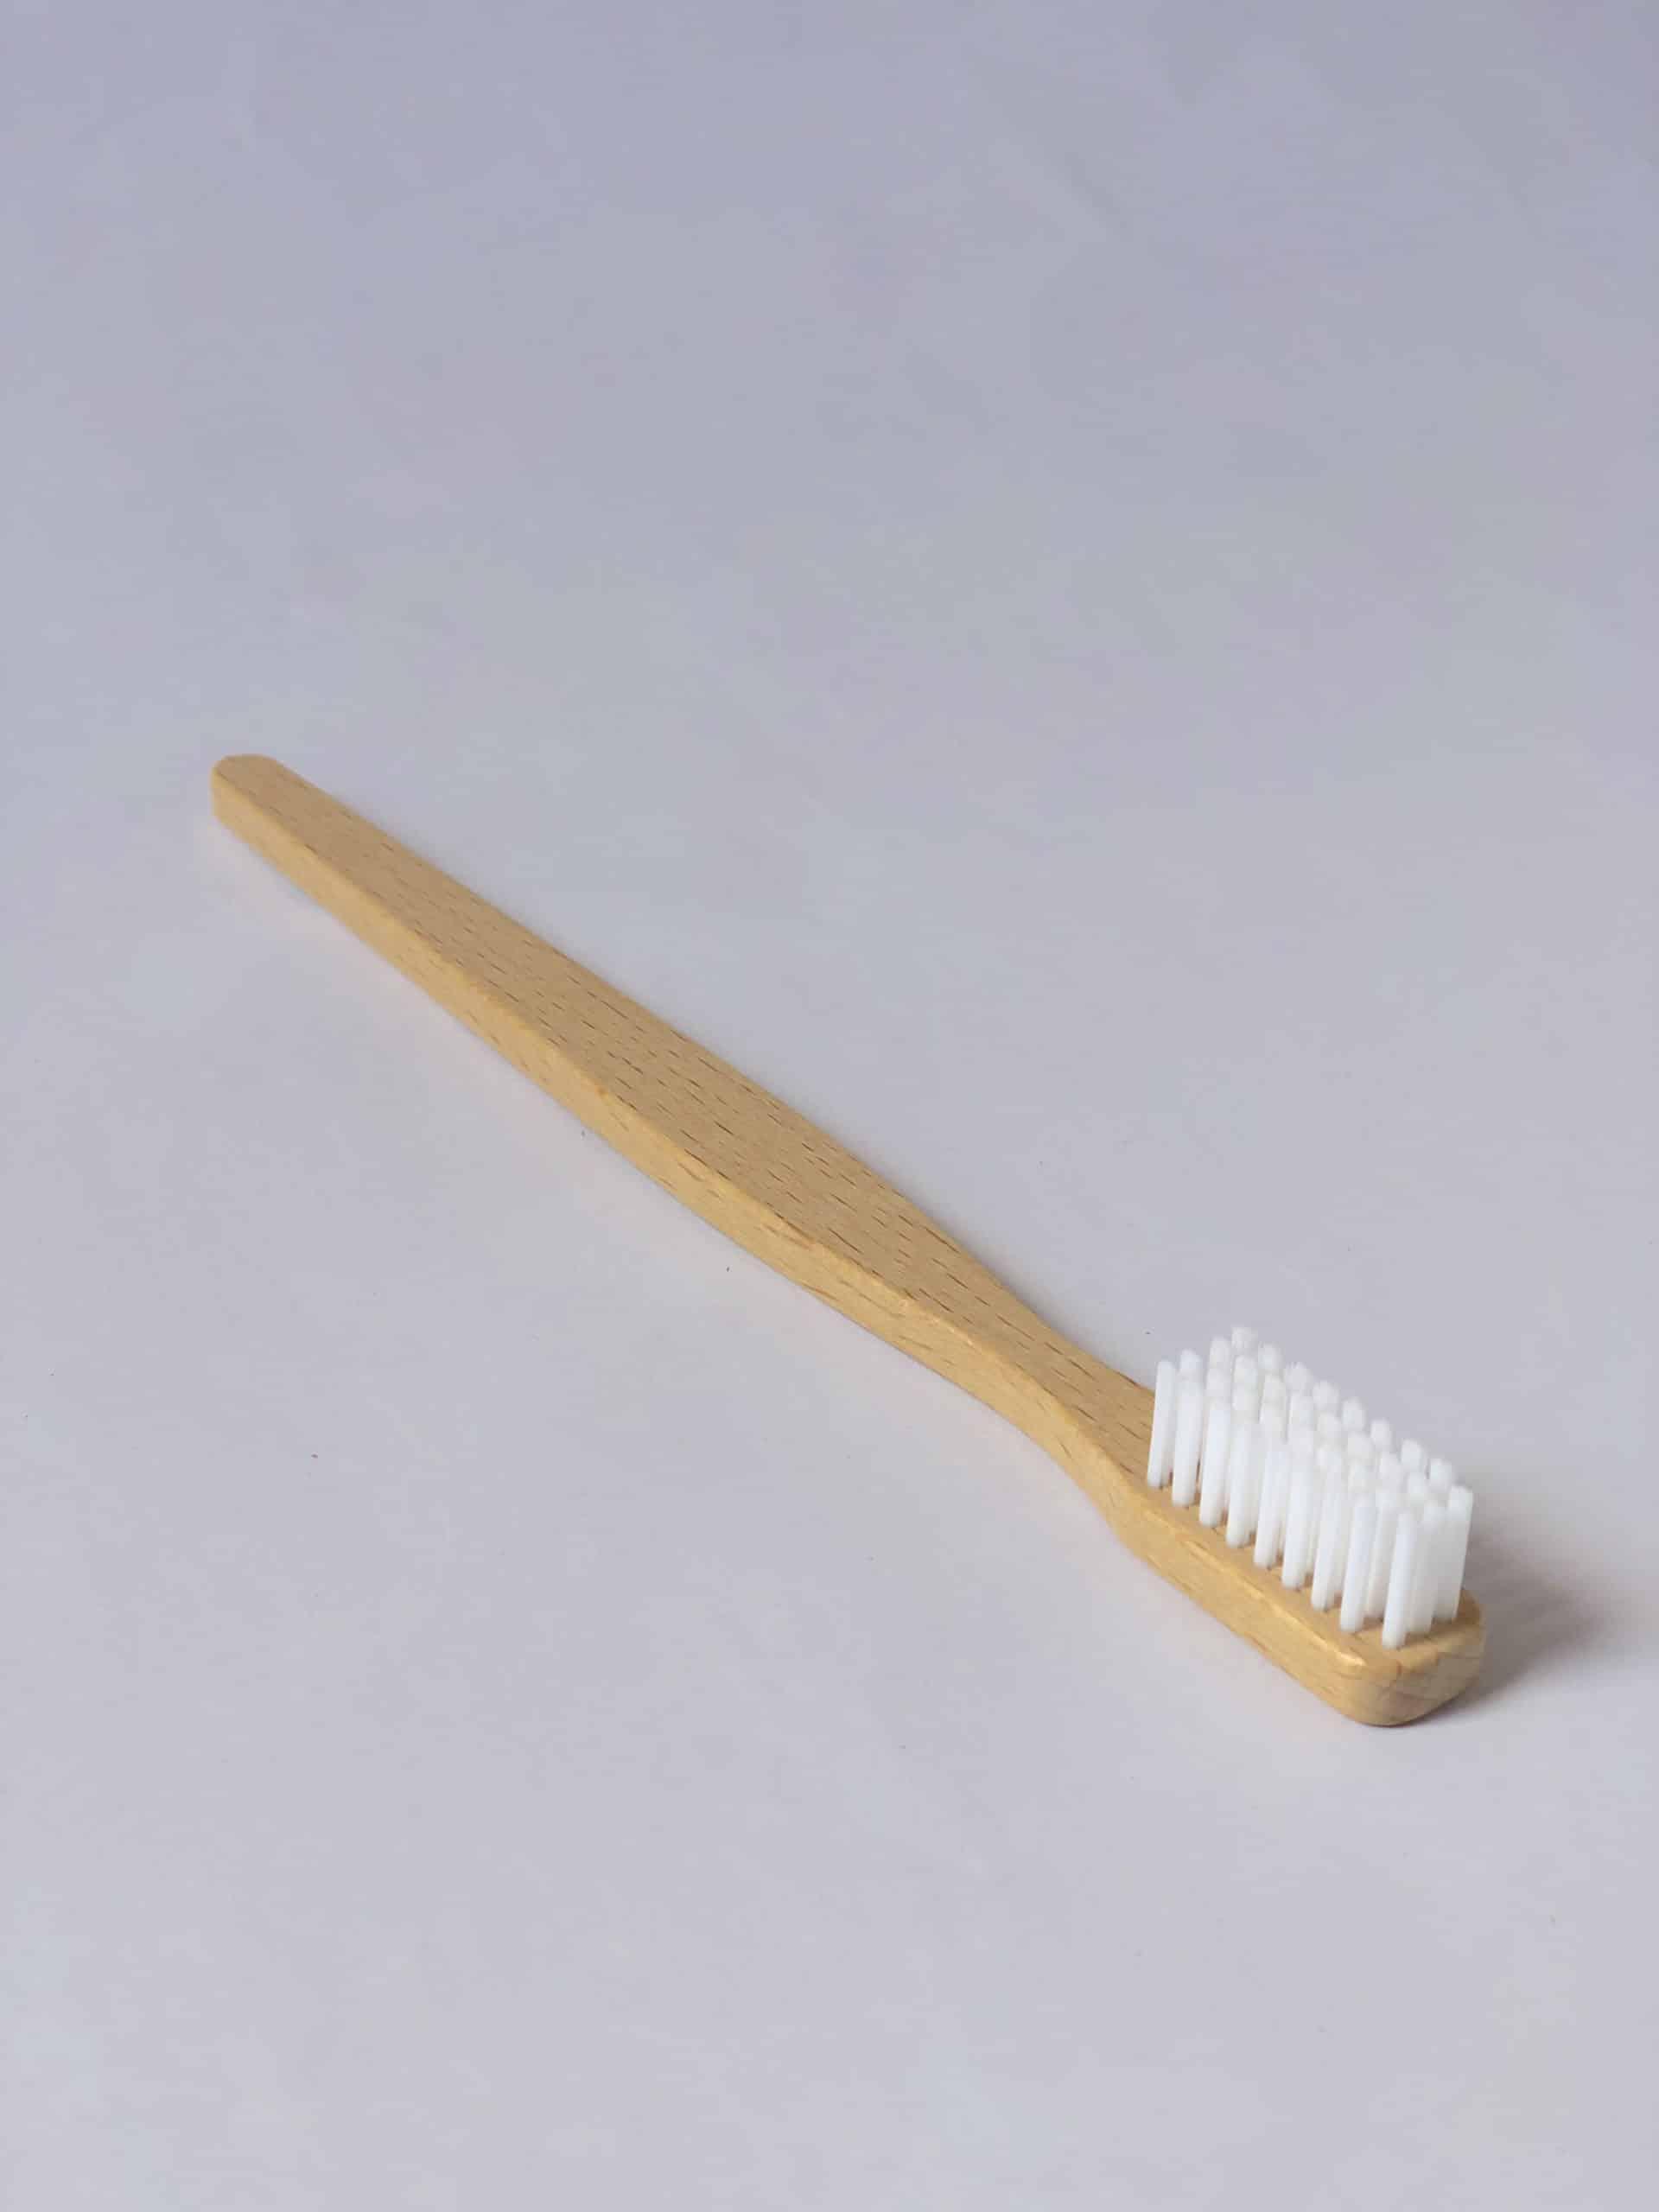 Toothbrush - Periuță de dinți din lemn si fire vegetale, biodegradabila